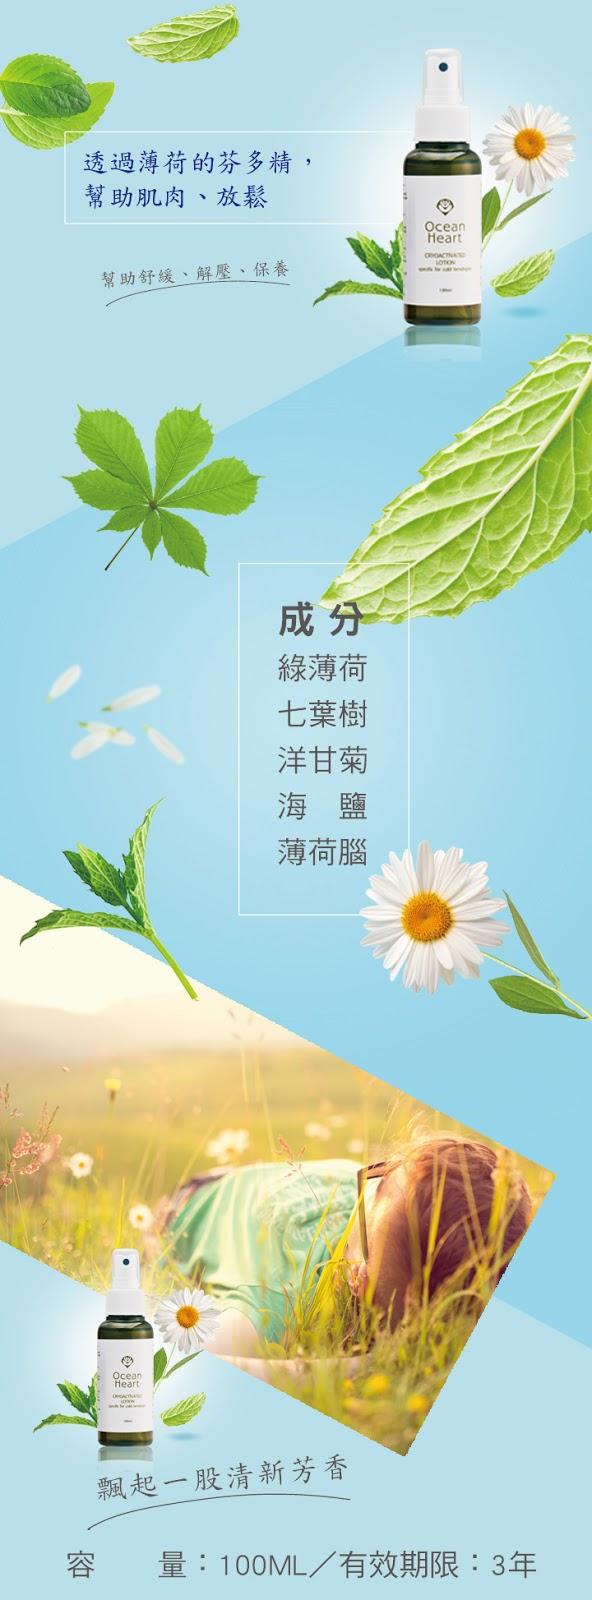 【日常保健】來自大自然植物能量的「冷療原液」 - 富麗佳人-天然,有機,養生,精油保健,預防醫學,免疫力,過敏 ...